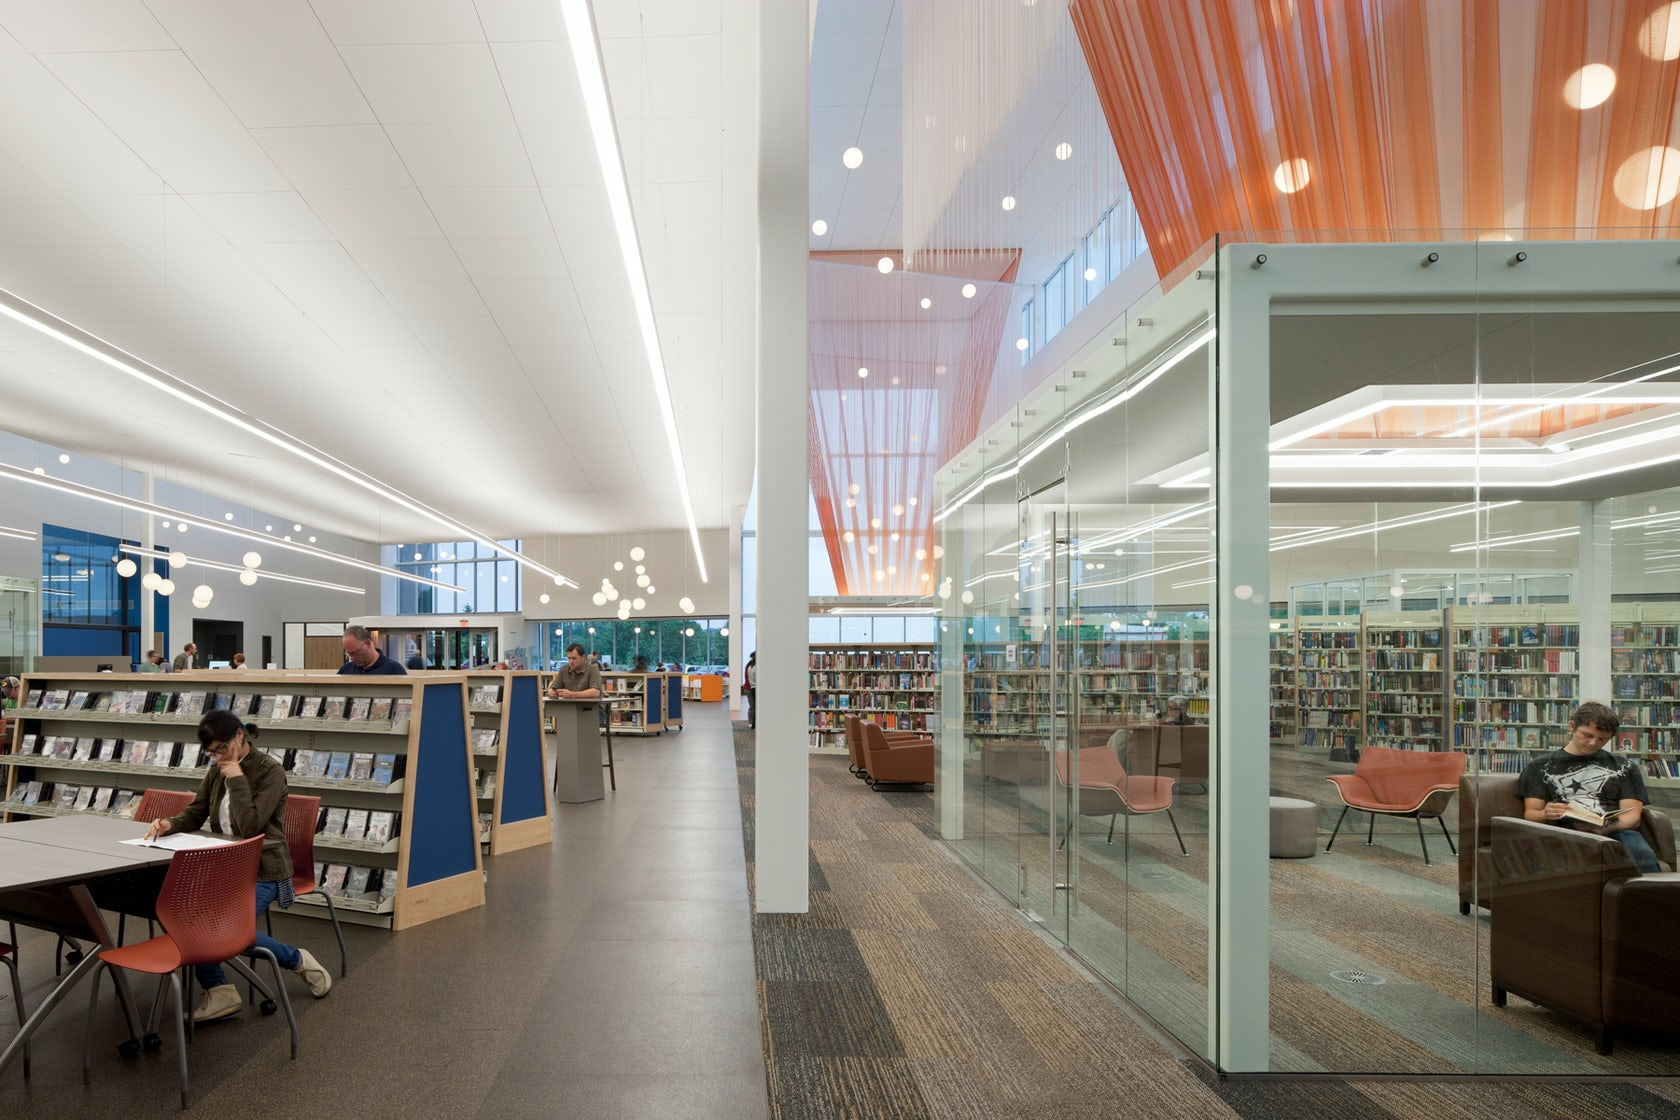 University Of Louisville Library >> Louisville Free Public Library- Southwest Regional Branch ...